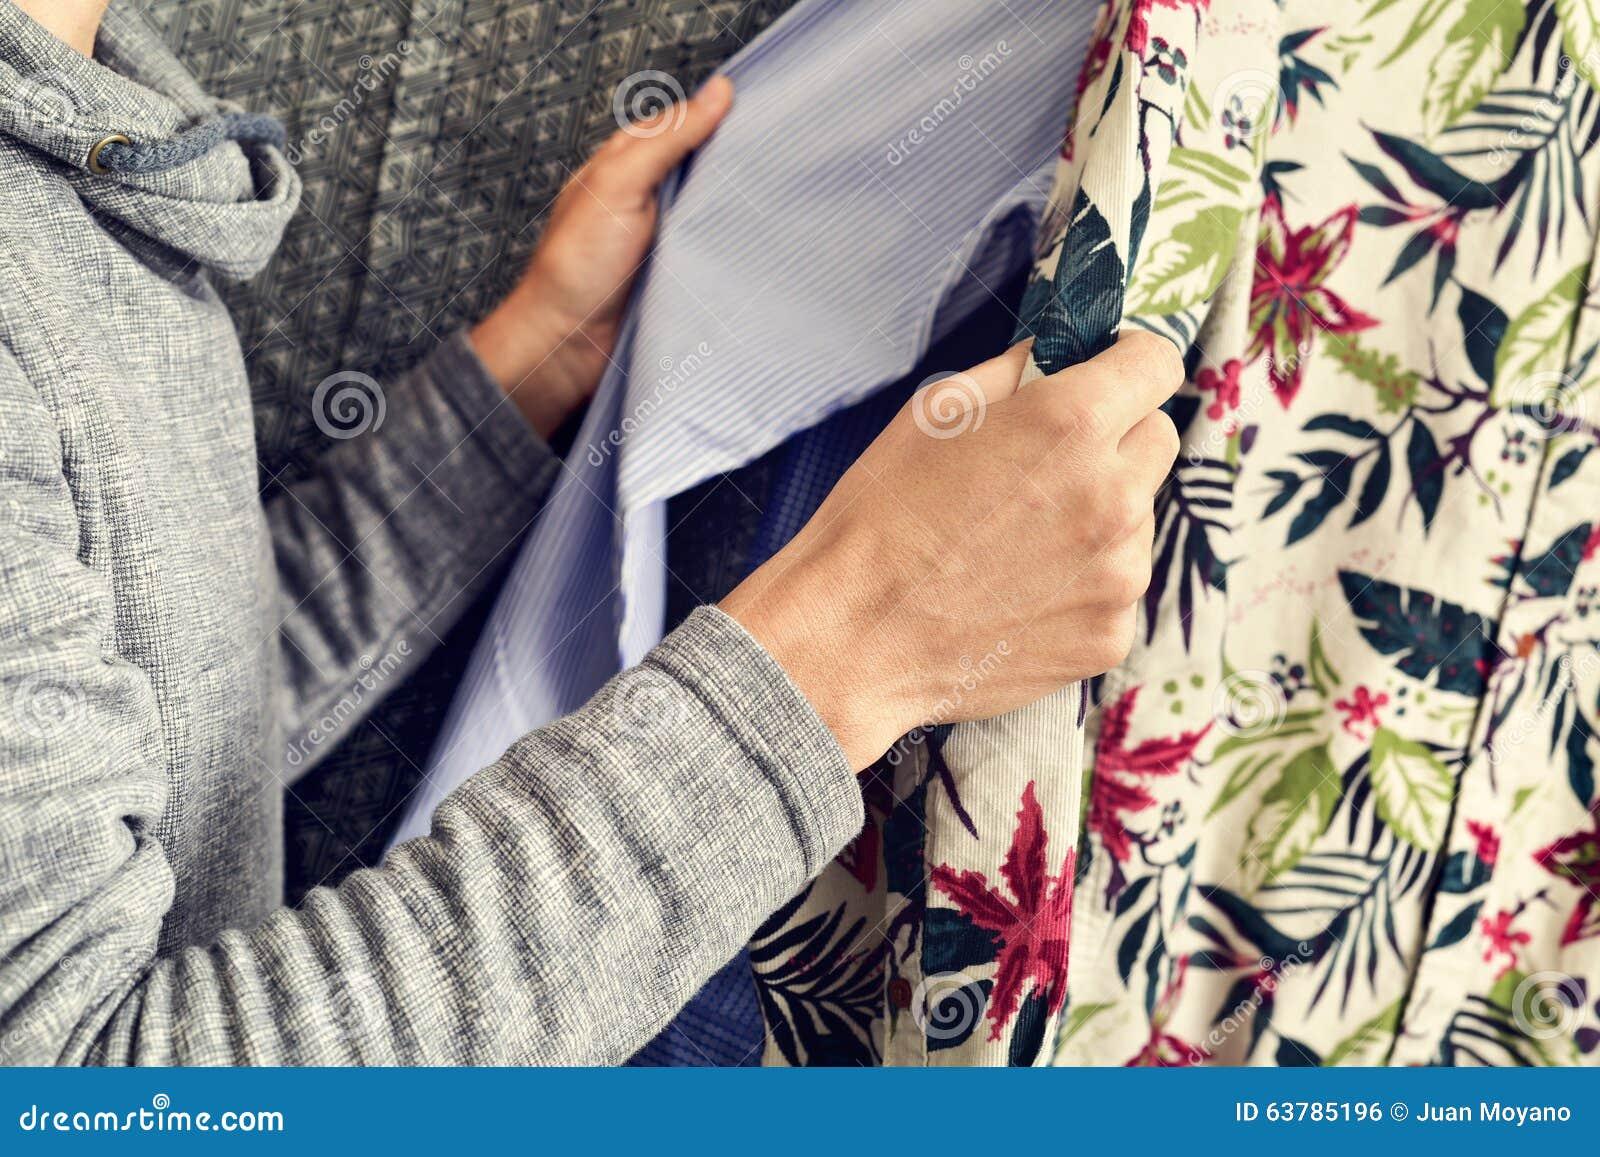 Young man choosing a shirt